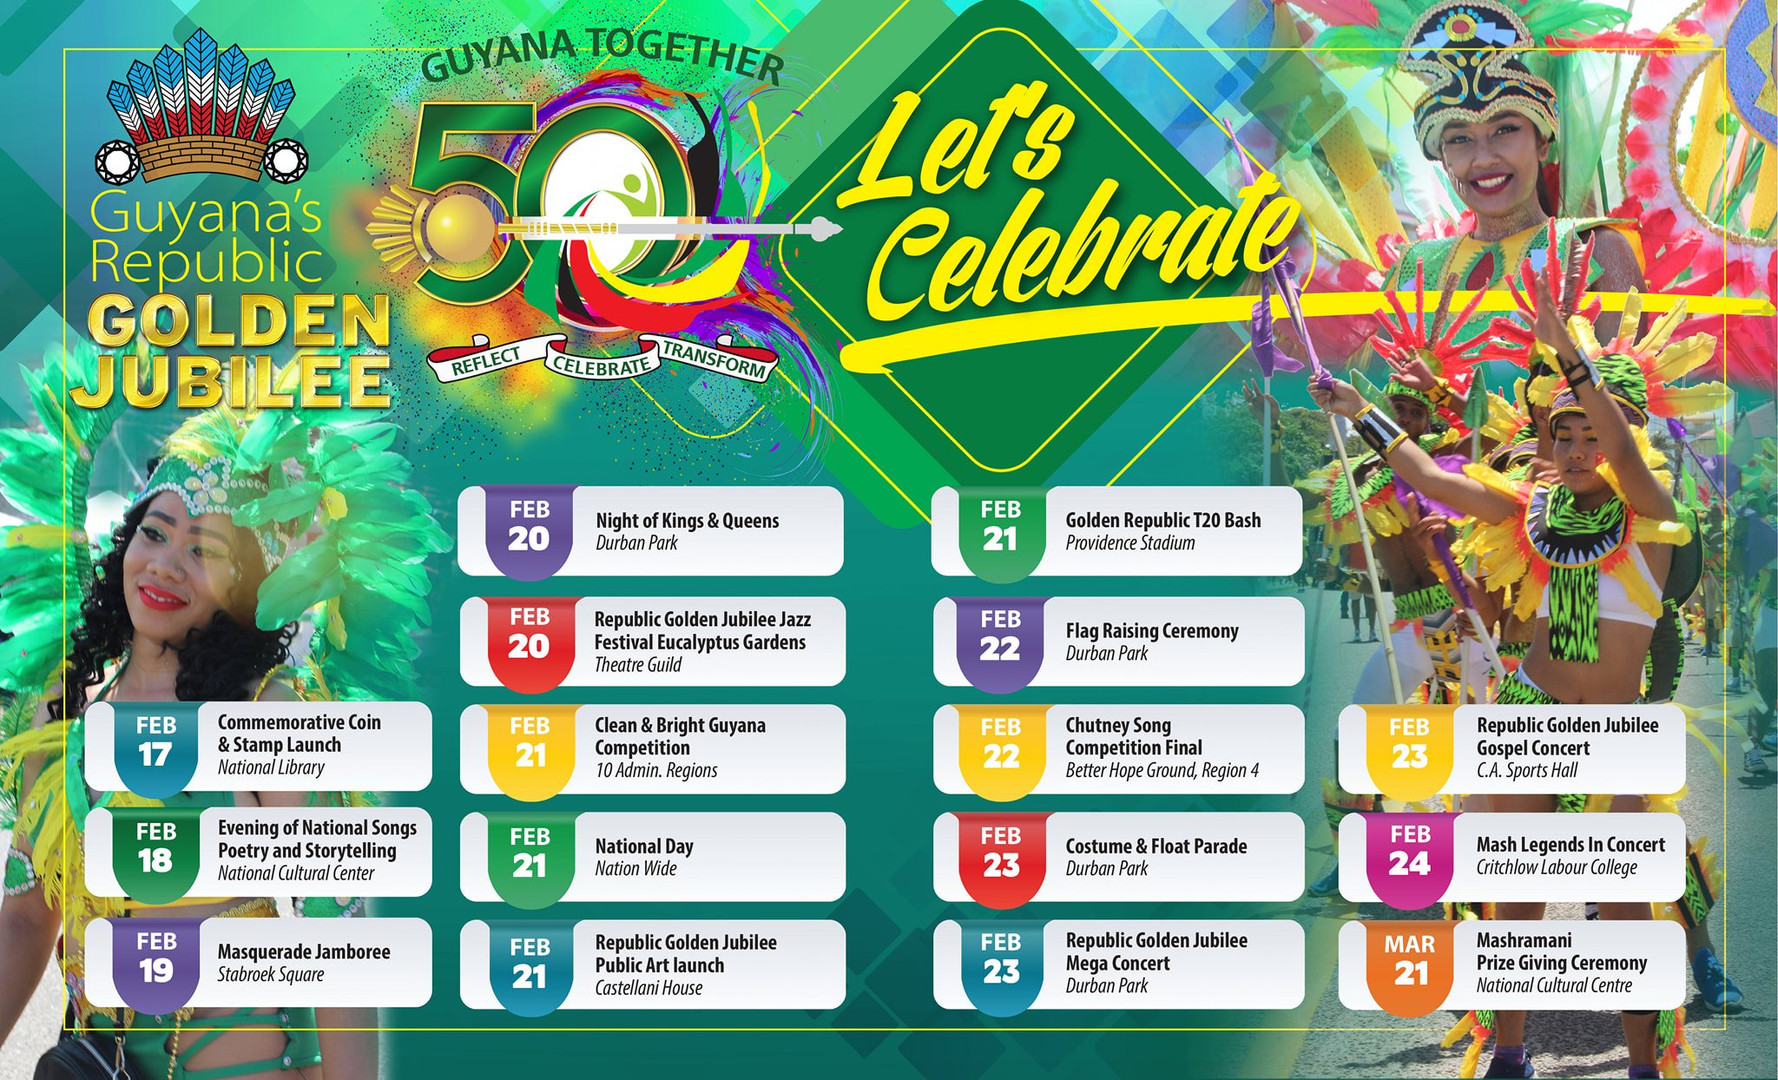 Guyana's Republic Golden Jubilee Schedul